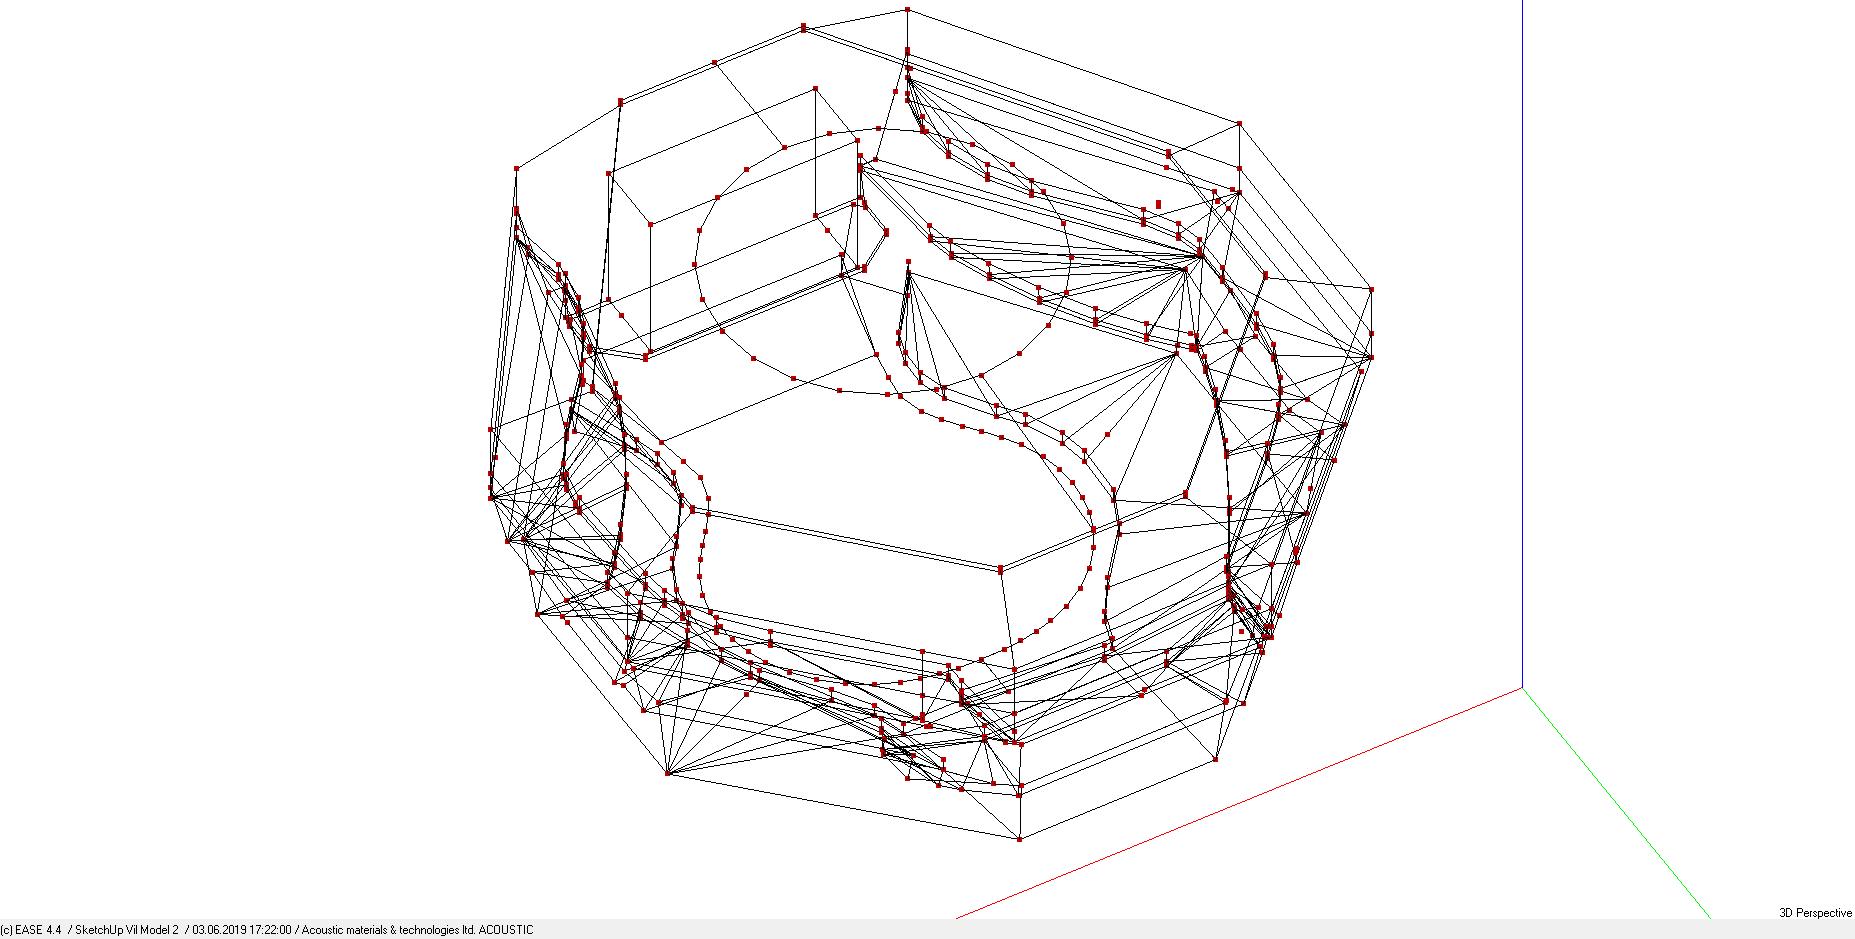 image-1-2: vilnius